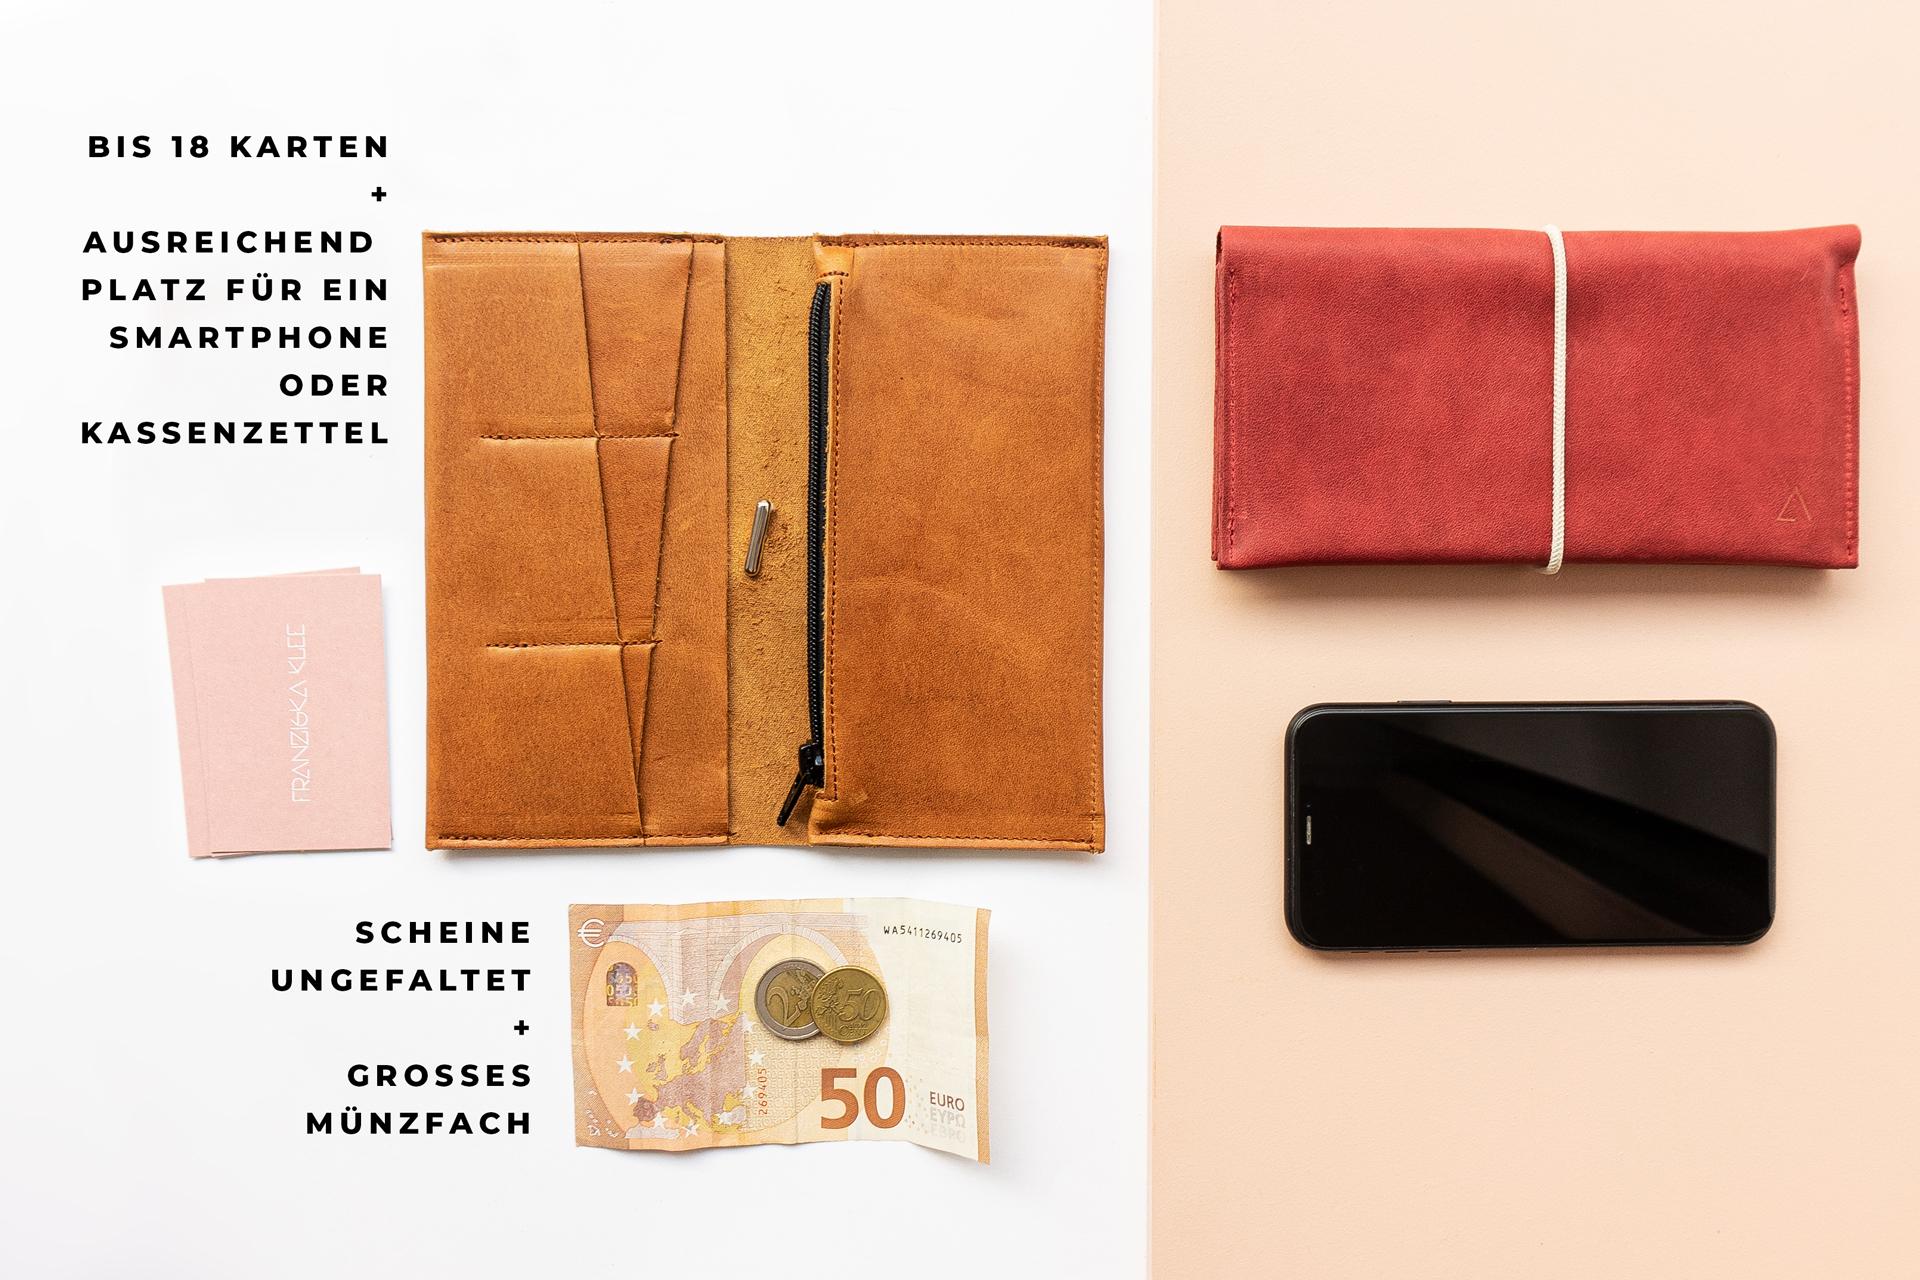 In unser Portemonnaie OLI LArge passen bis zu 18 Karten, Geldscheine, Münzen und sogar dein Smartphone.